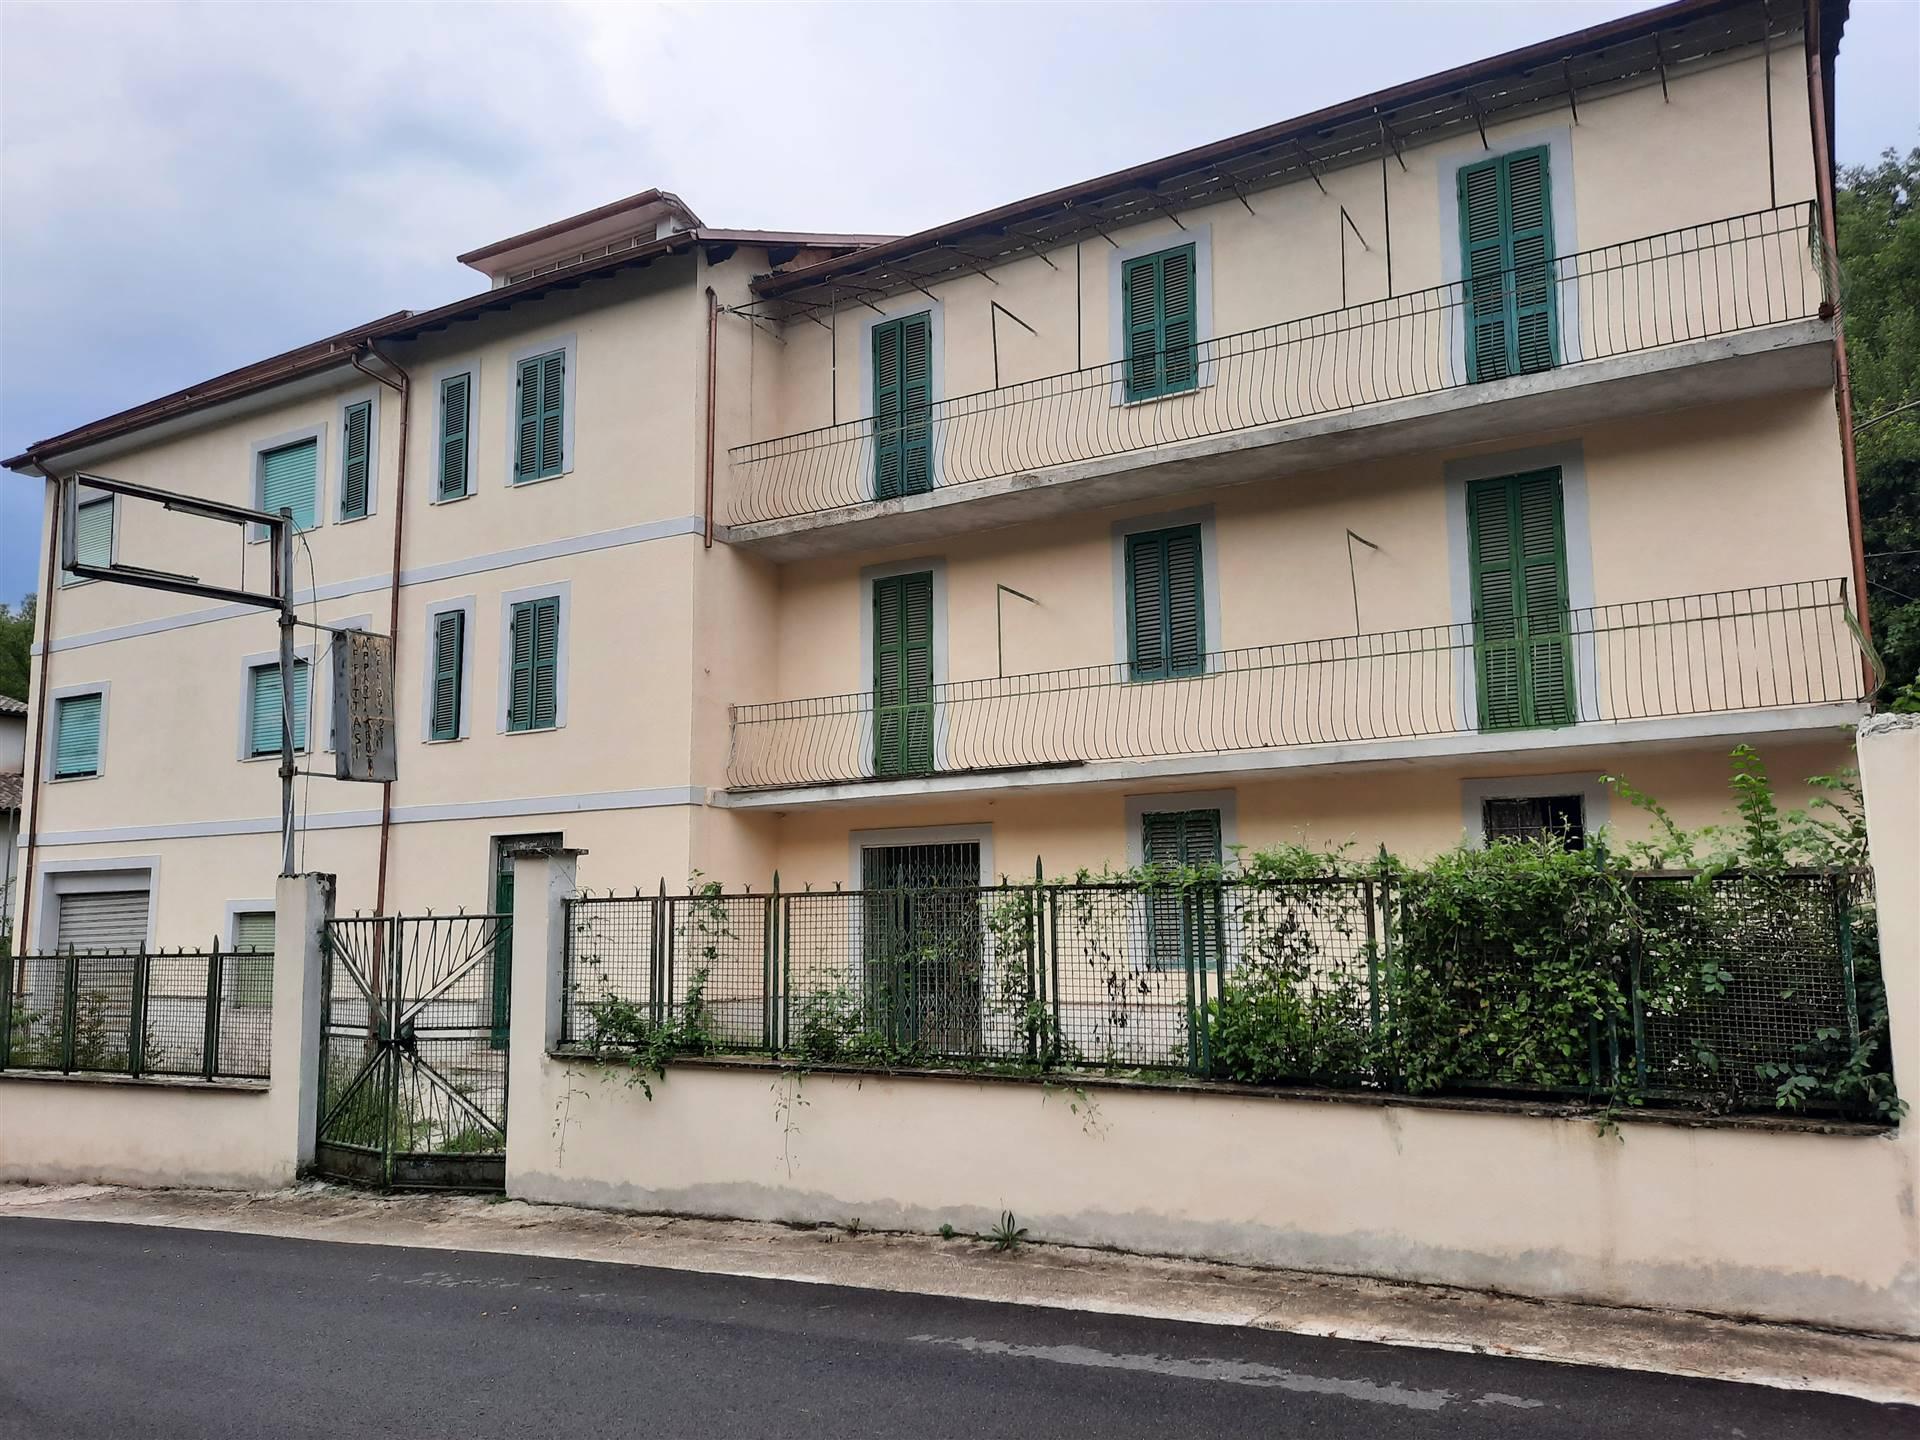 Albergo in affitto a Pescorocchiano, 20 locali, zona Località: SANTELPIDIO, prezzo € 2.500   CambioCasa.it